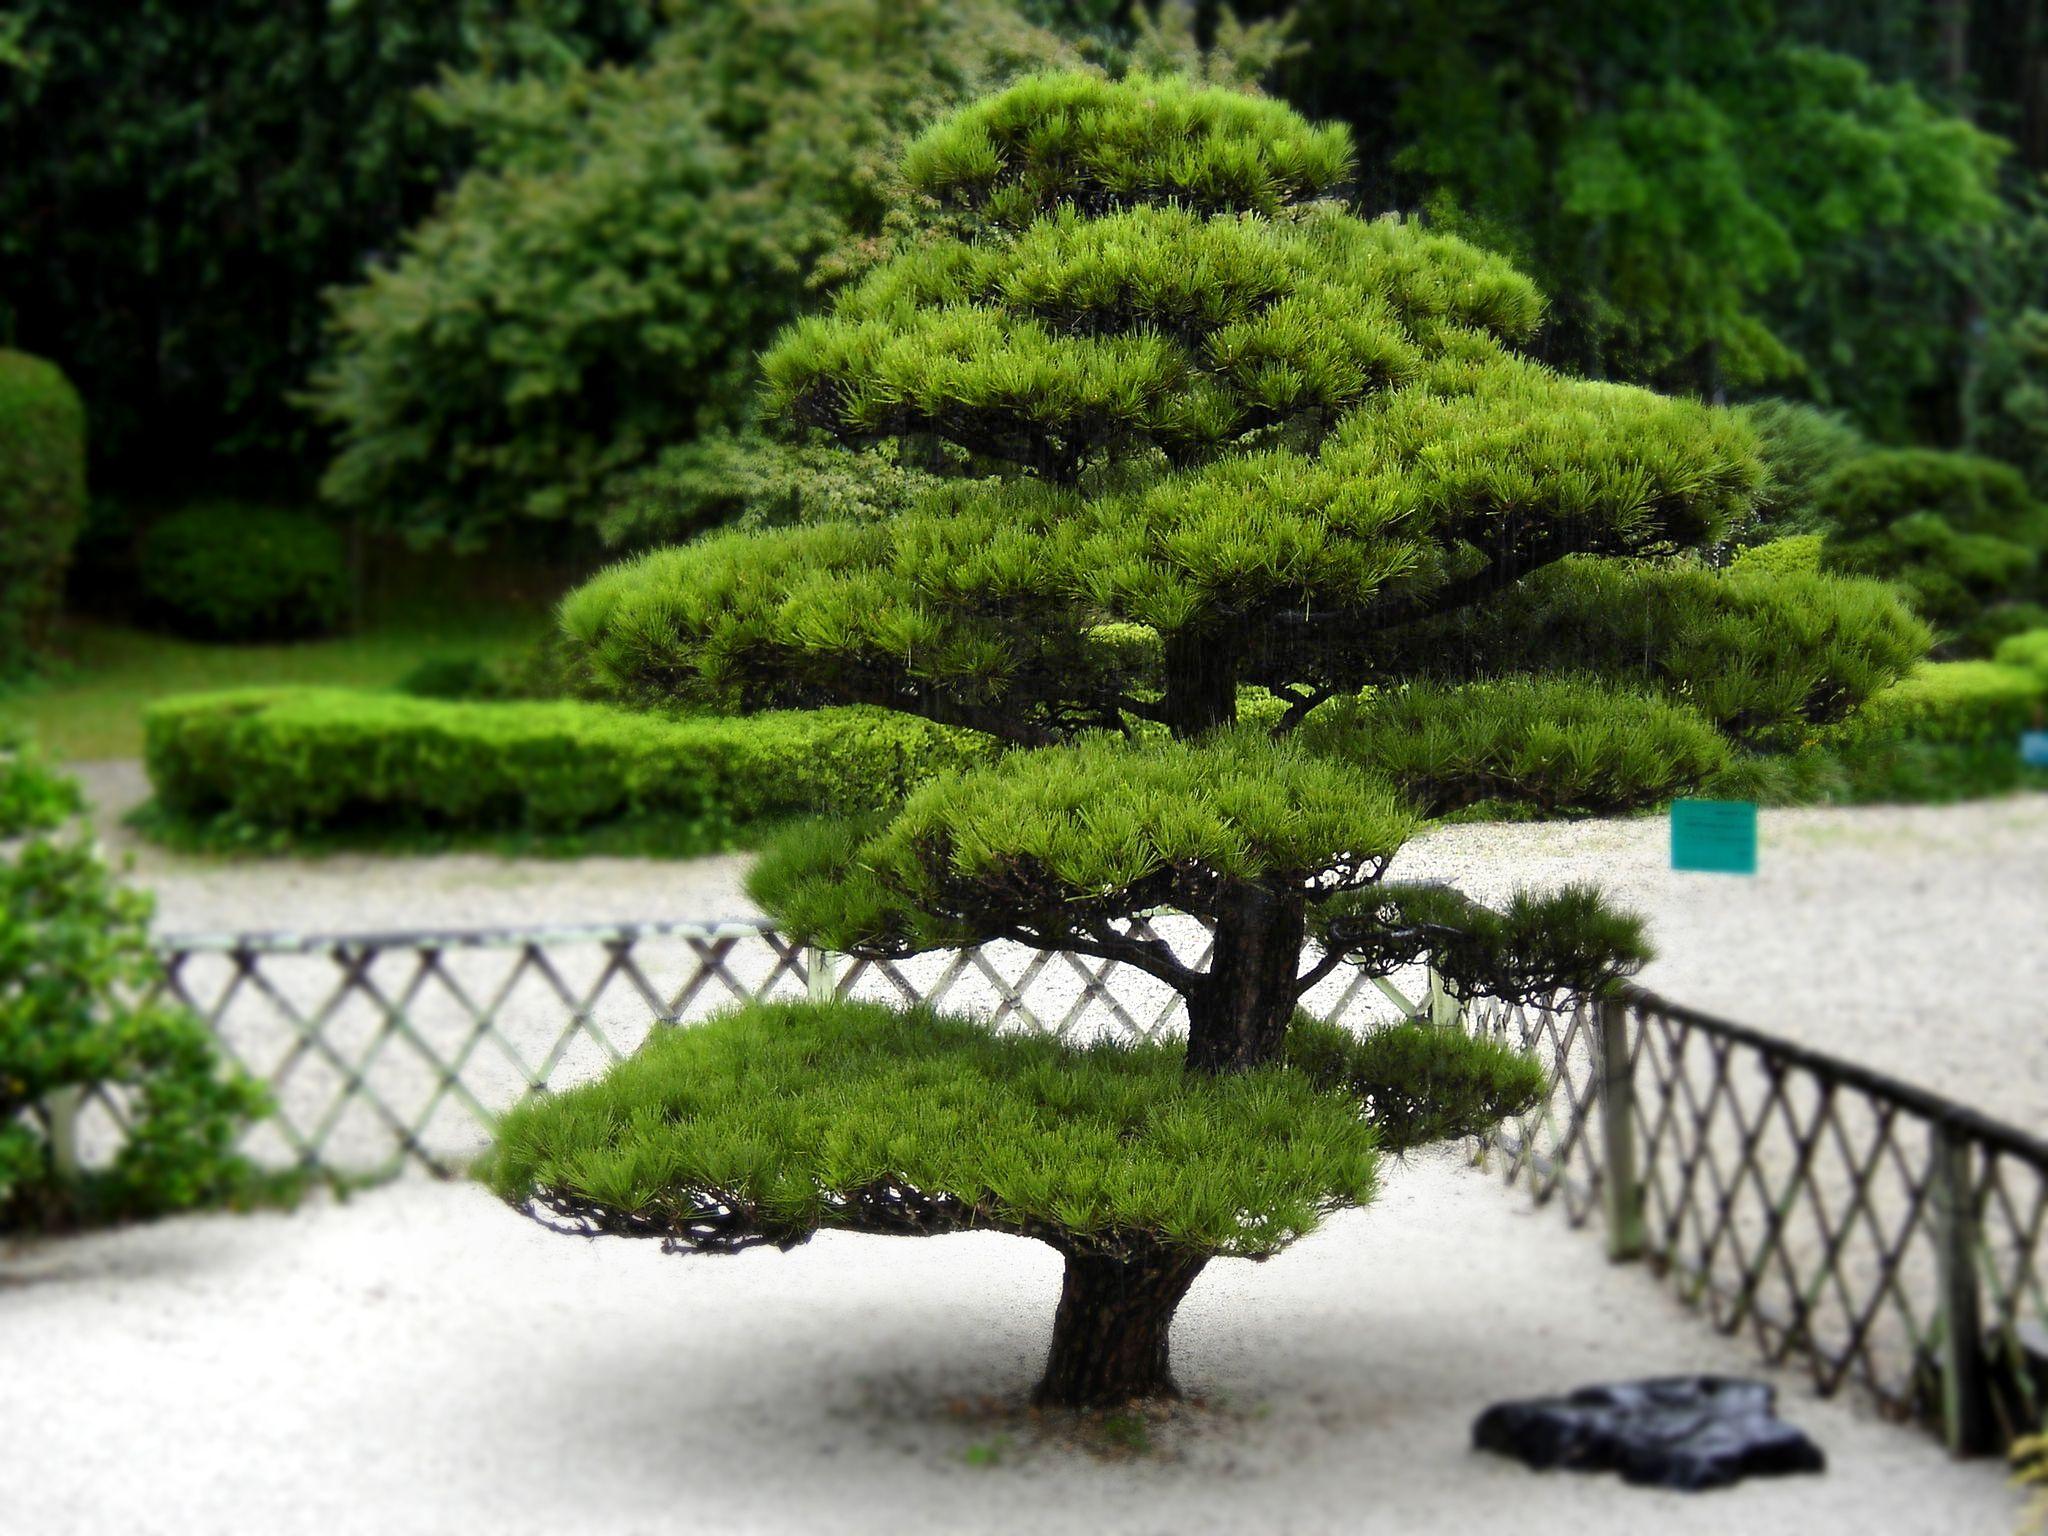 arbuste pour jardin japonais deco maison design. Black Bedroom Furniture Sets. Home Design Ideas